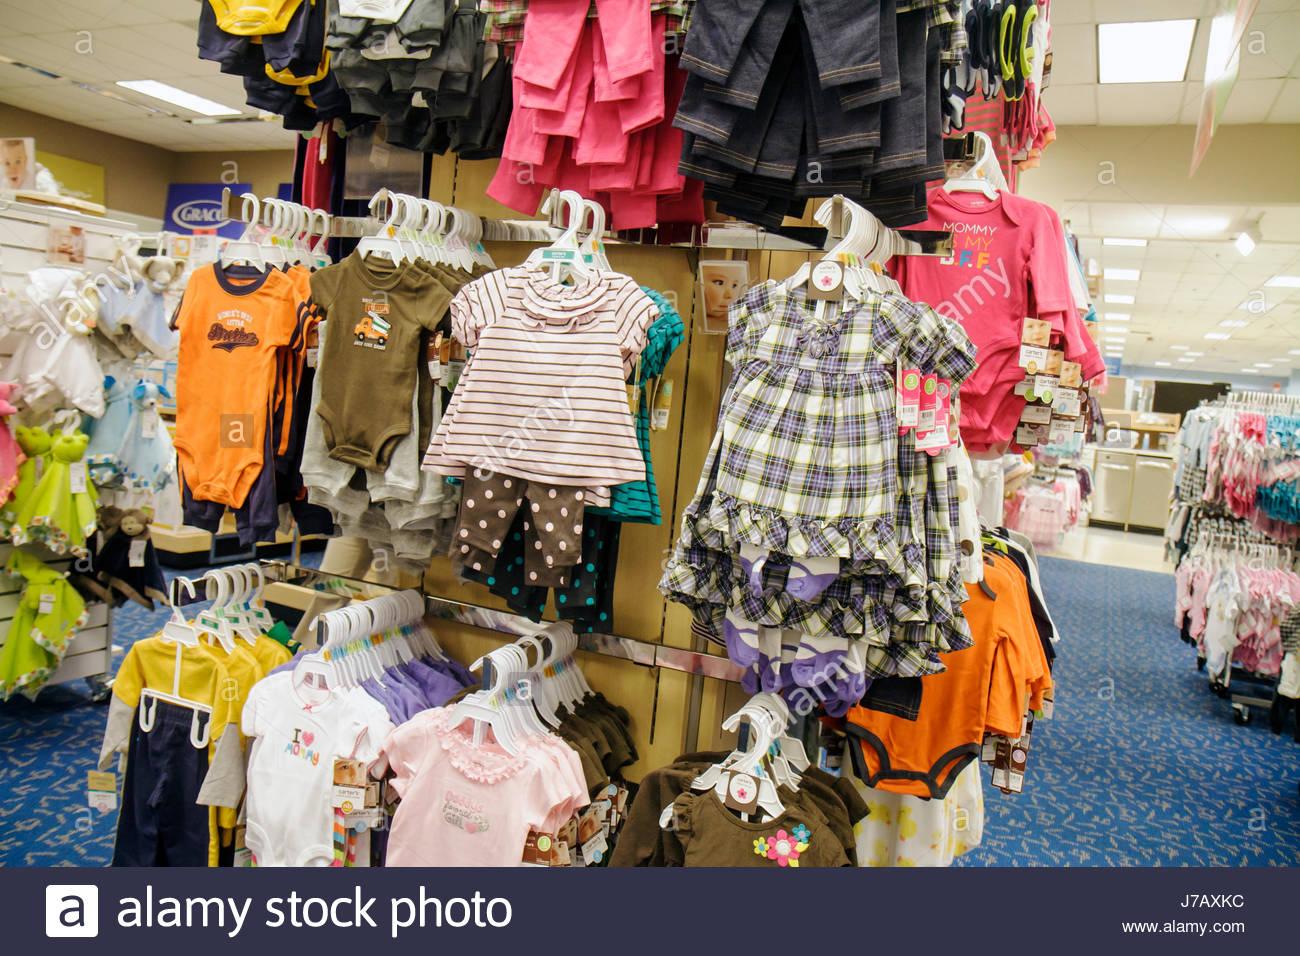 Miami Florida Aventura Mall Shopping expositor para venta departamento Sears tienda de ropa para niños moda Imagen De Stock